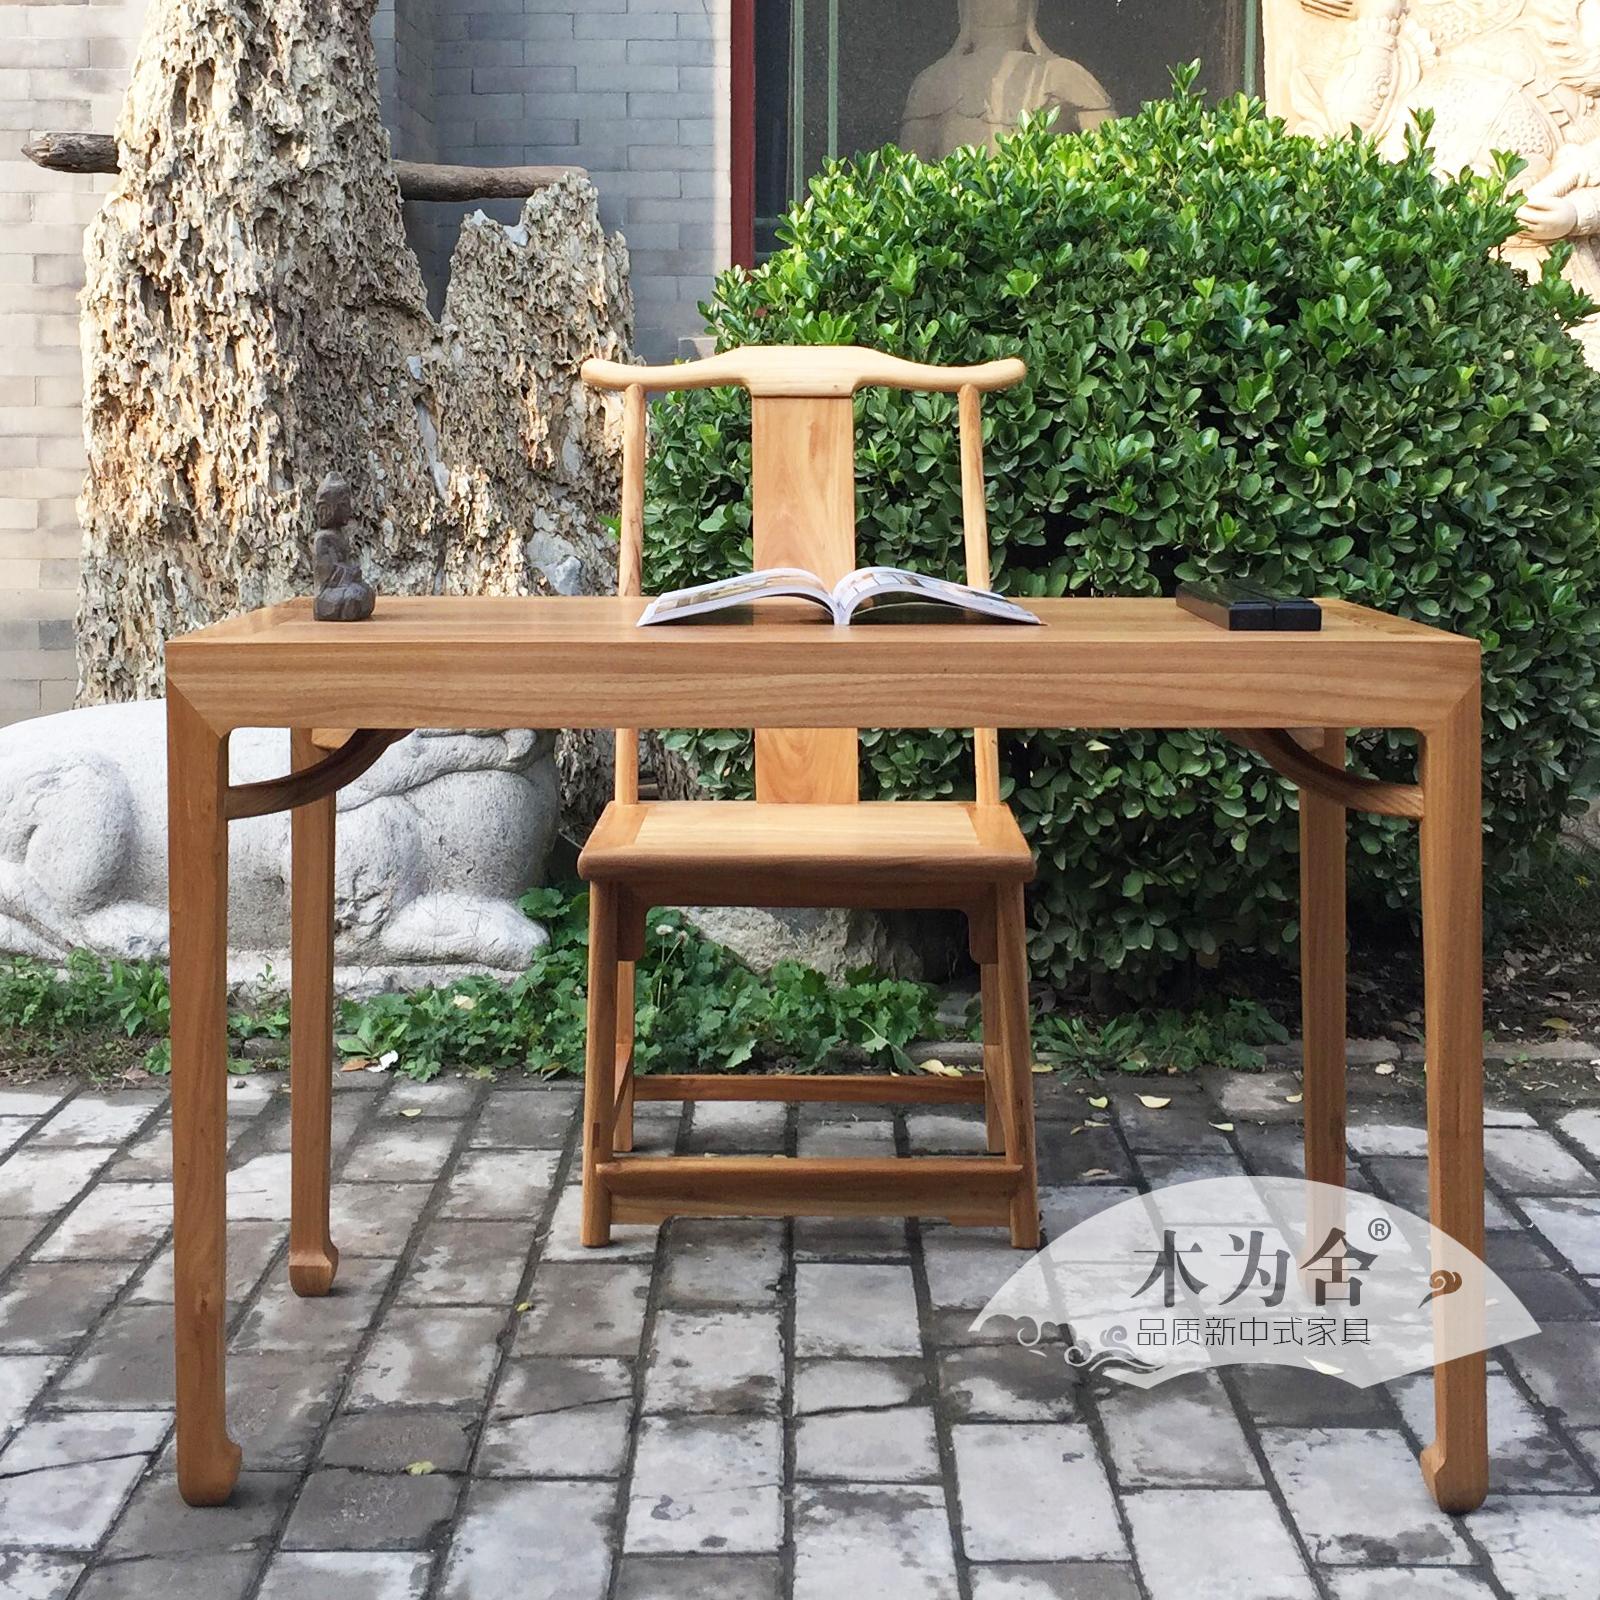 木为舍新中式老榆木餐椅靠背椅灯挂椅明式椅子纯实木椅中式椅子